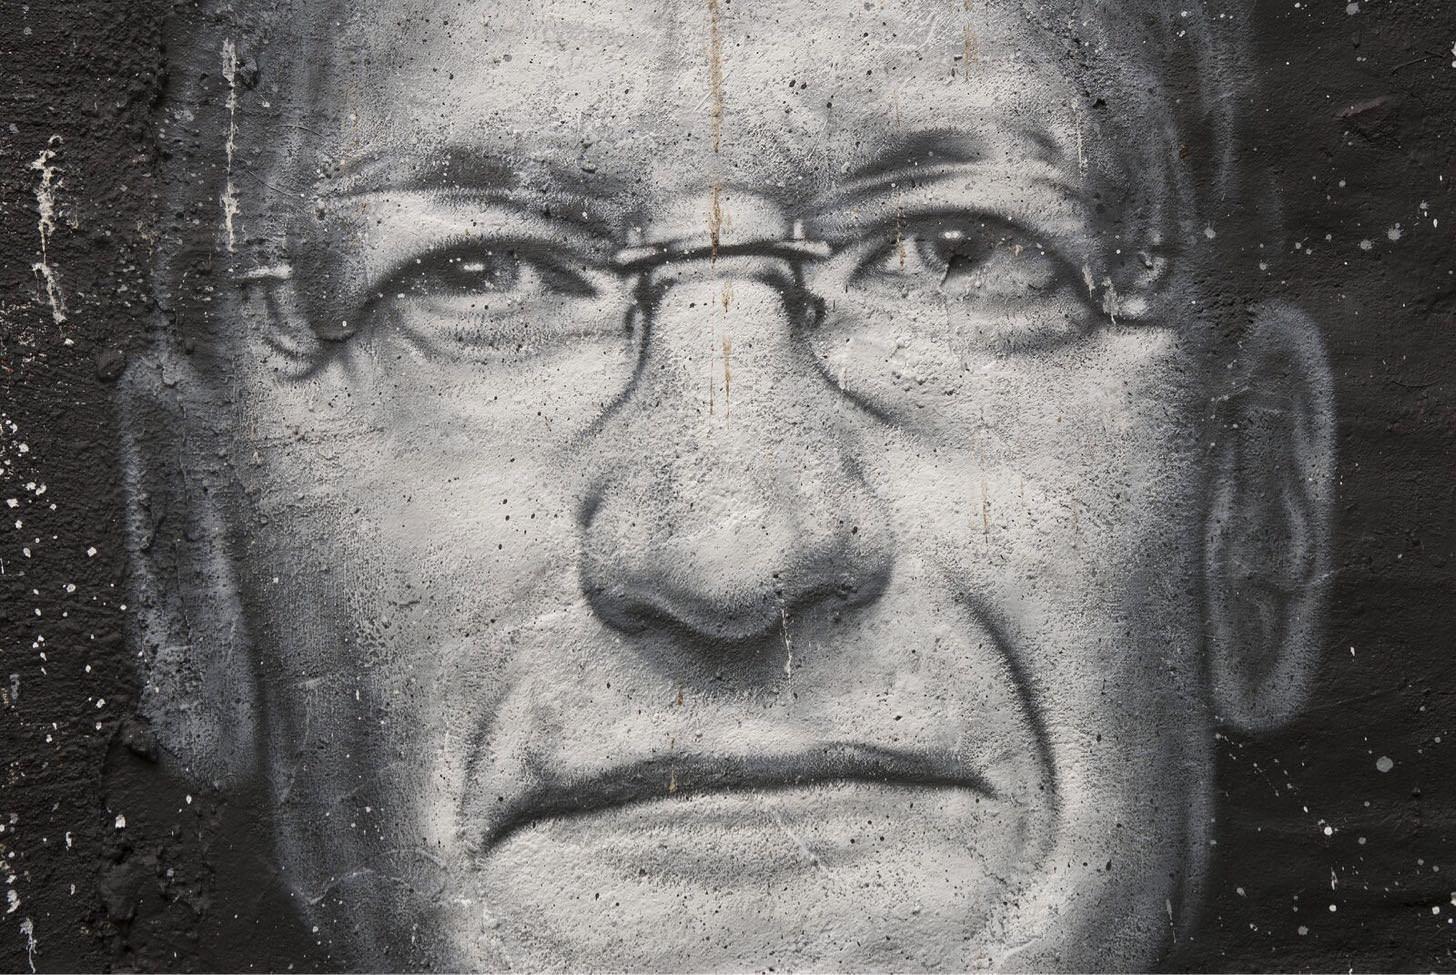 アップルCEO語る「iPadとMacが合体した製品など誰も欲しがらない」